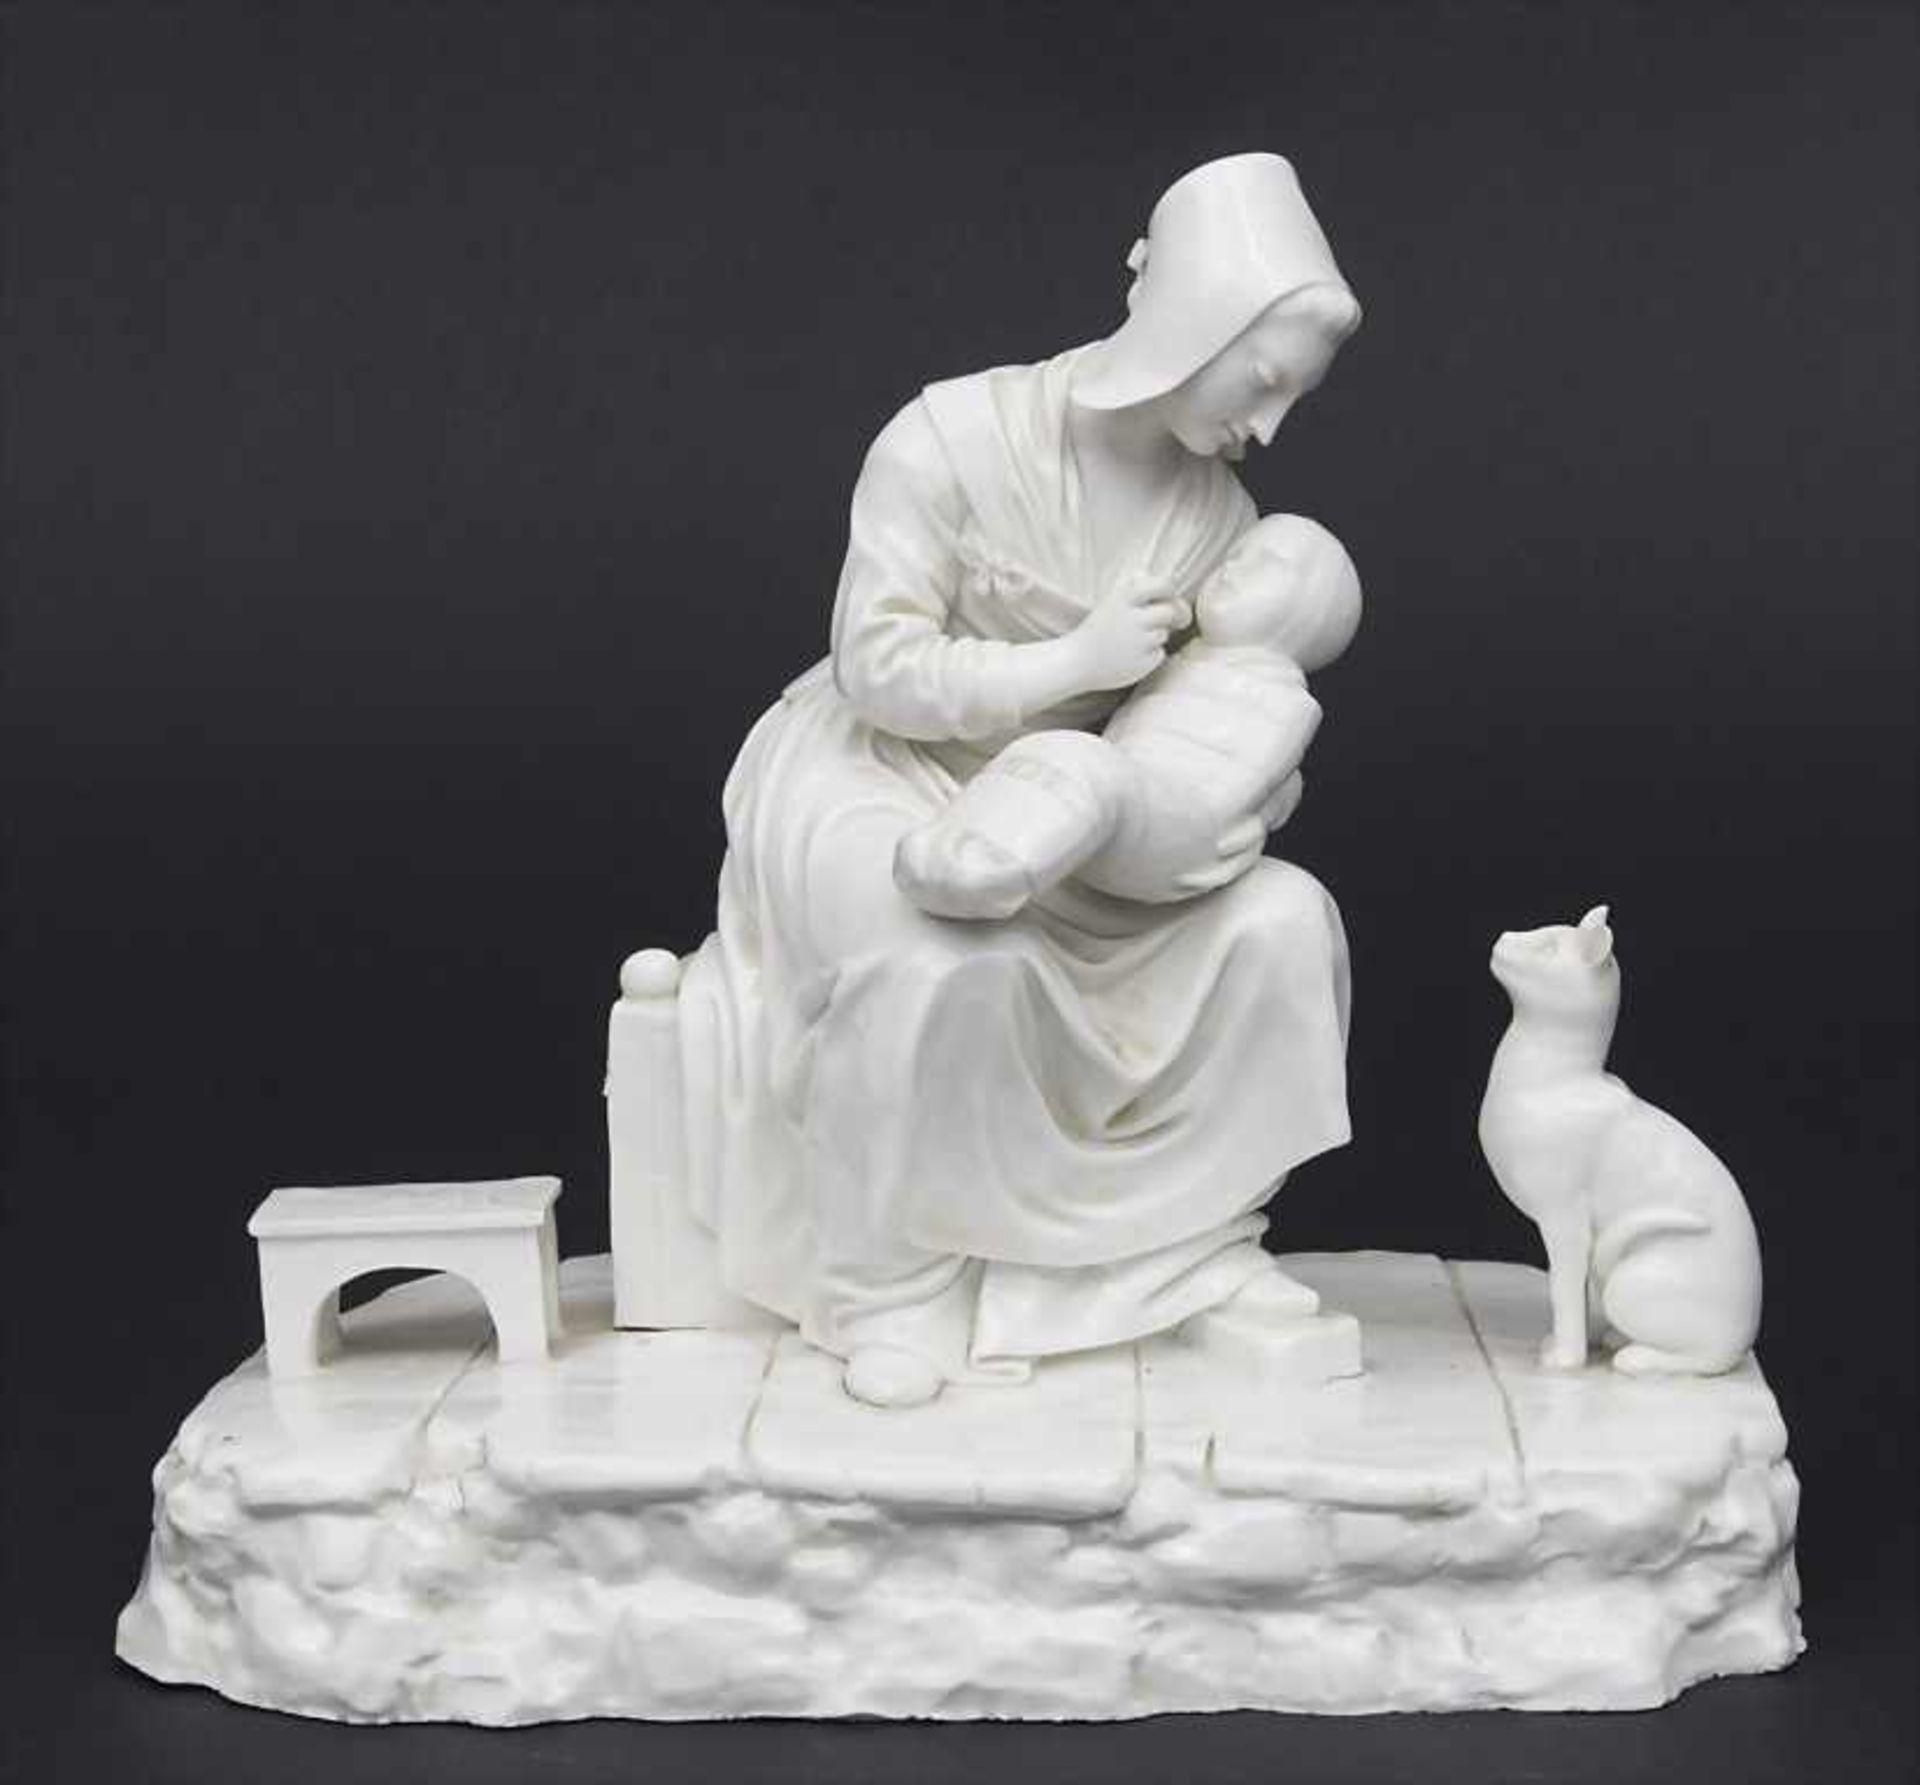 Figurengruppe mit Katze / A figural group with cat, Johann Peter Melchior, Höchst, 1770 Material: